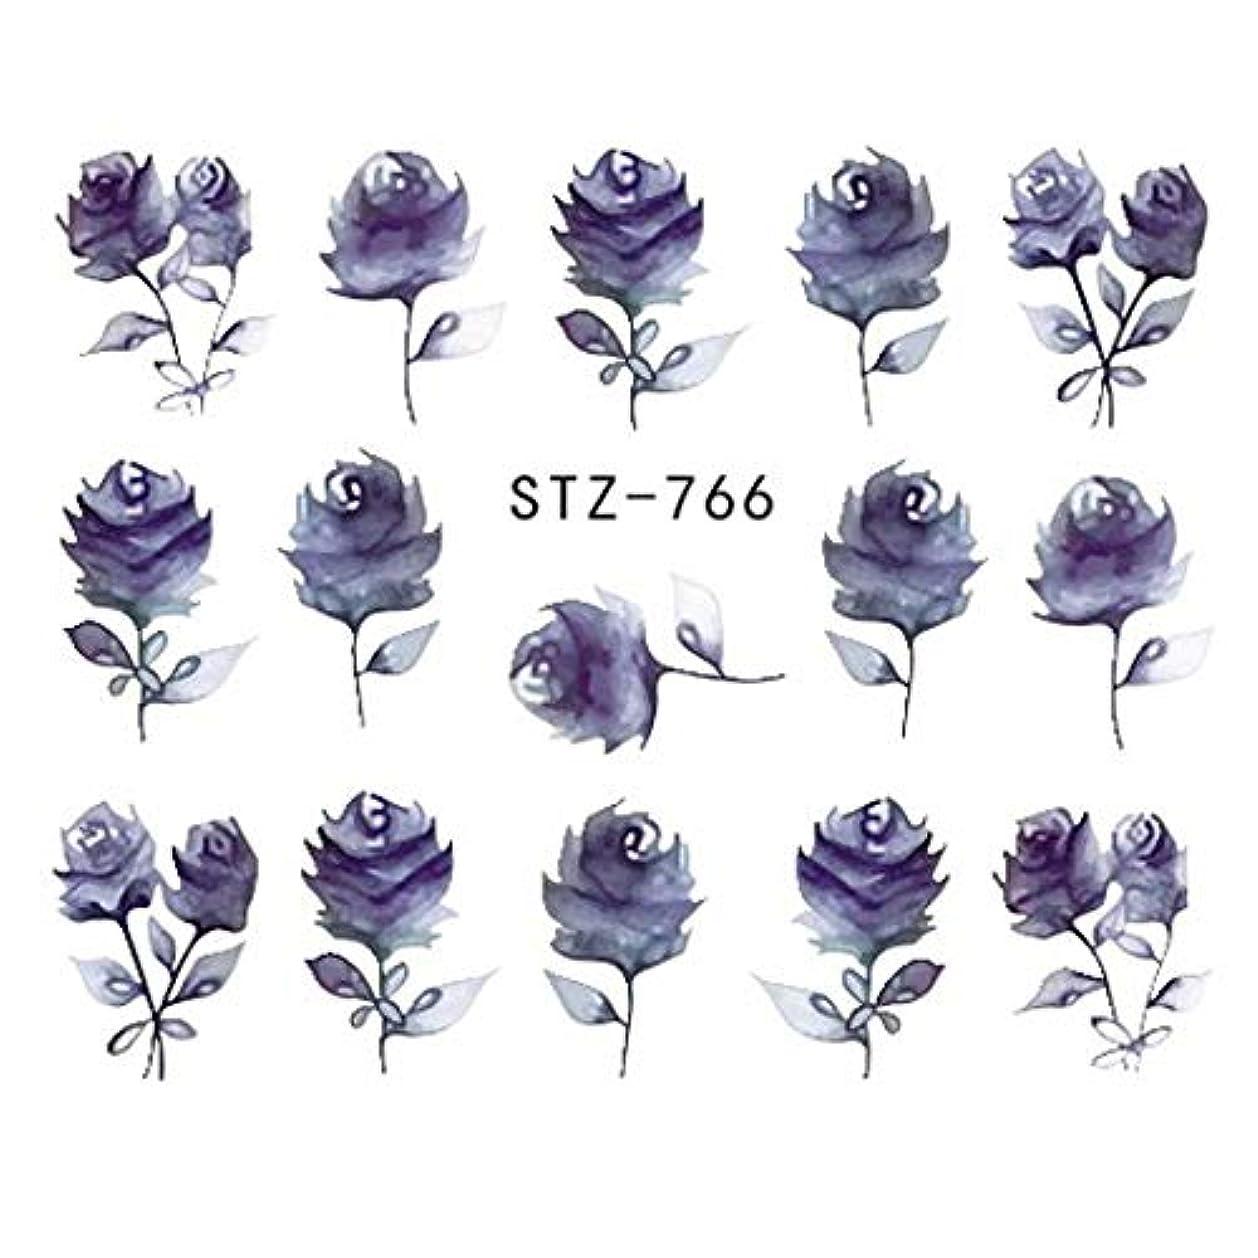 びん遠い不安定なSUKTI&XIAO ネイルステッカー 完全な美1シートの宝石類の釘のステッカーの黒い花のステッカーのマニキュアの水移動のスライダーホイルの設計装飾、Stz-766